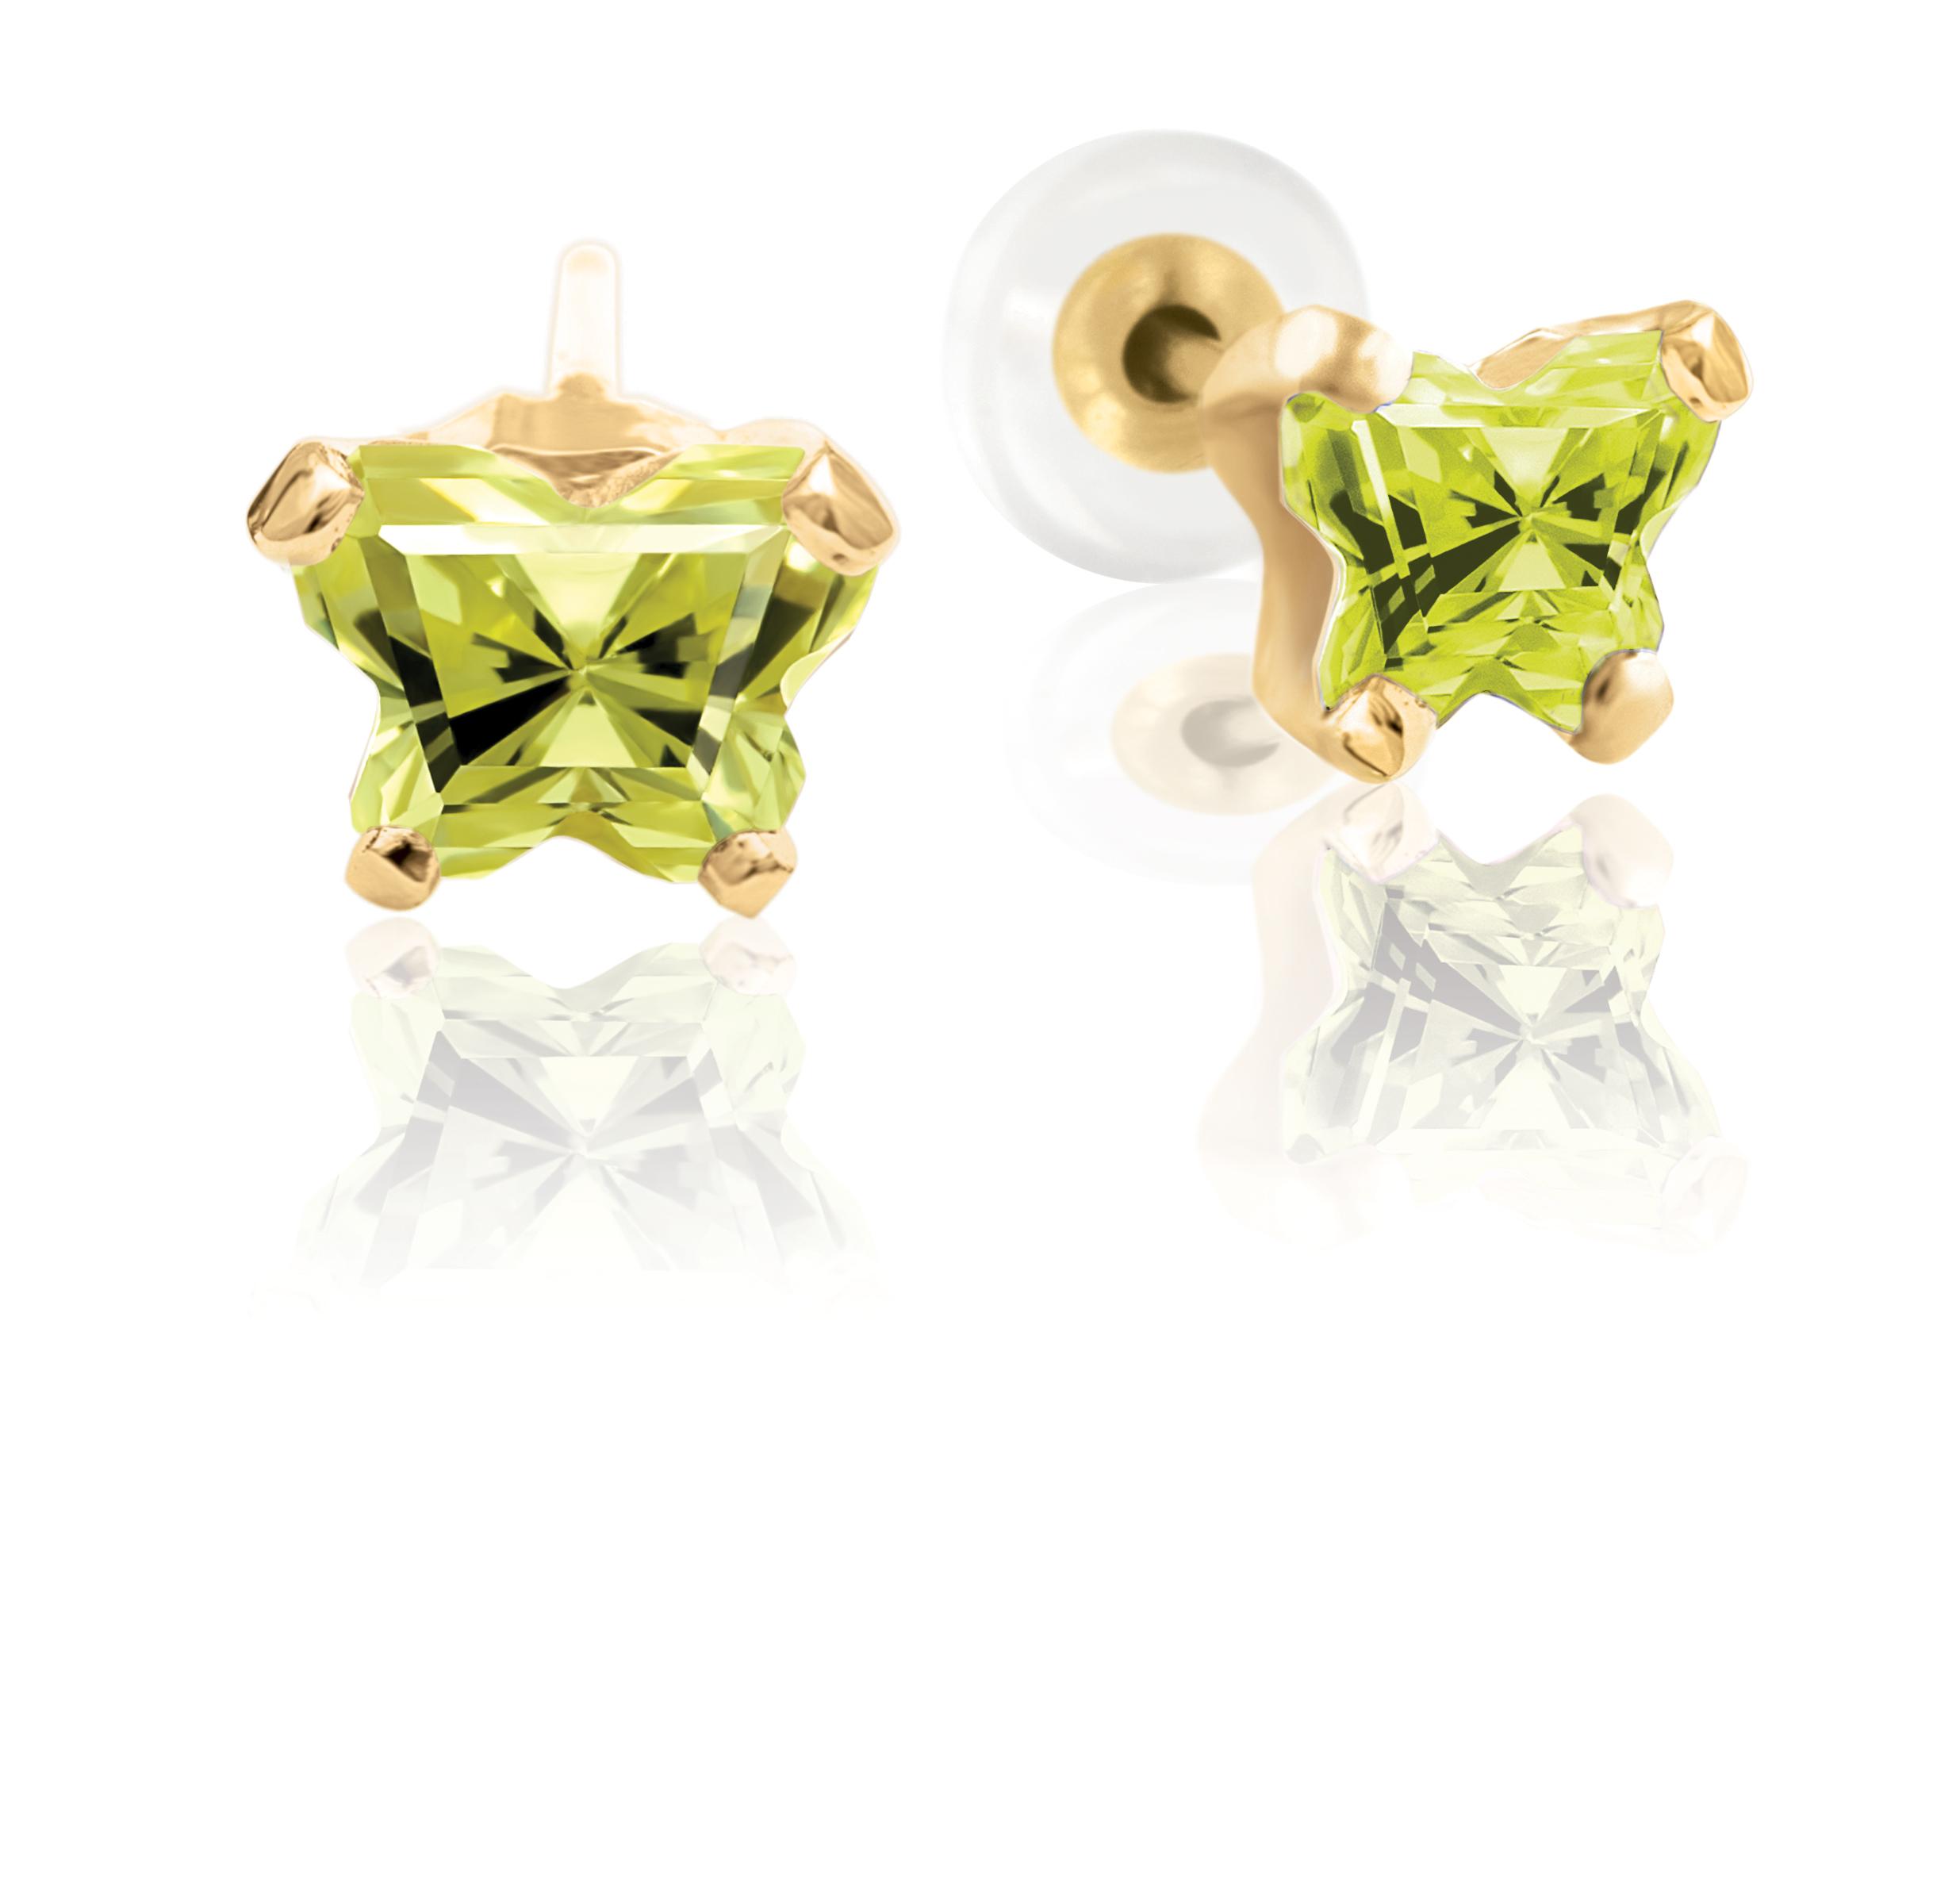 Boucles d'oreilles à tiges fixes BFLY pour bébé sertis de zircons cubiques jaunes-verts (mois d'août) - en or jaune 10K